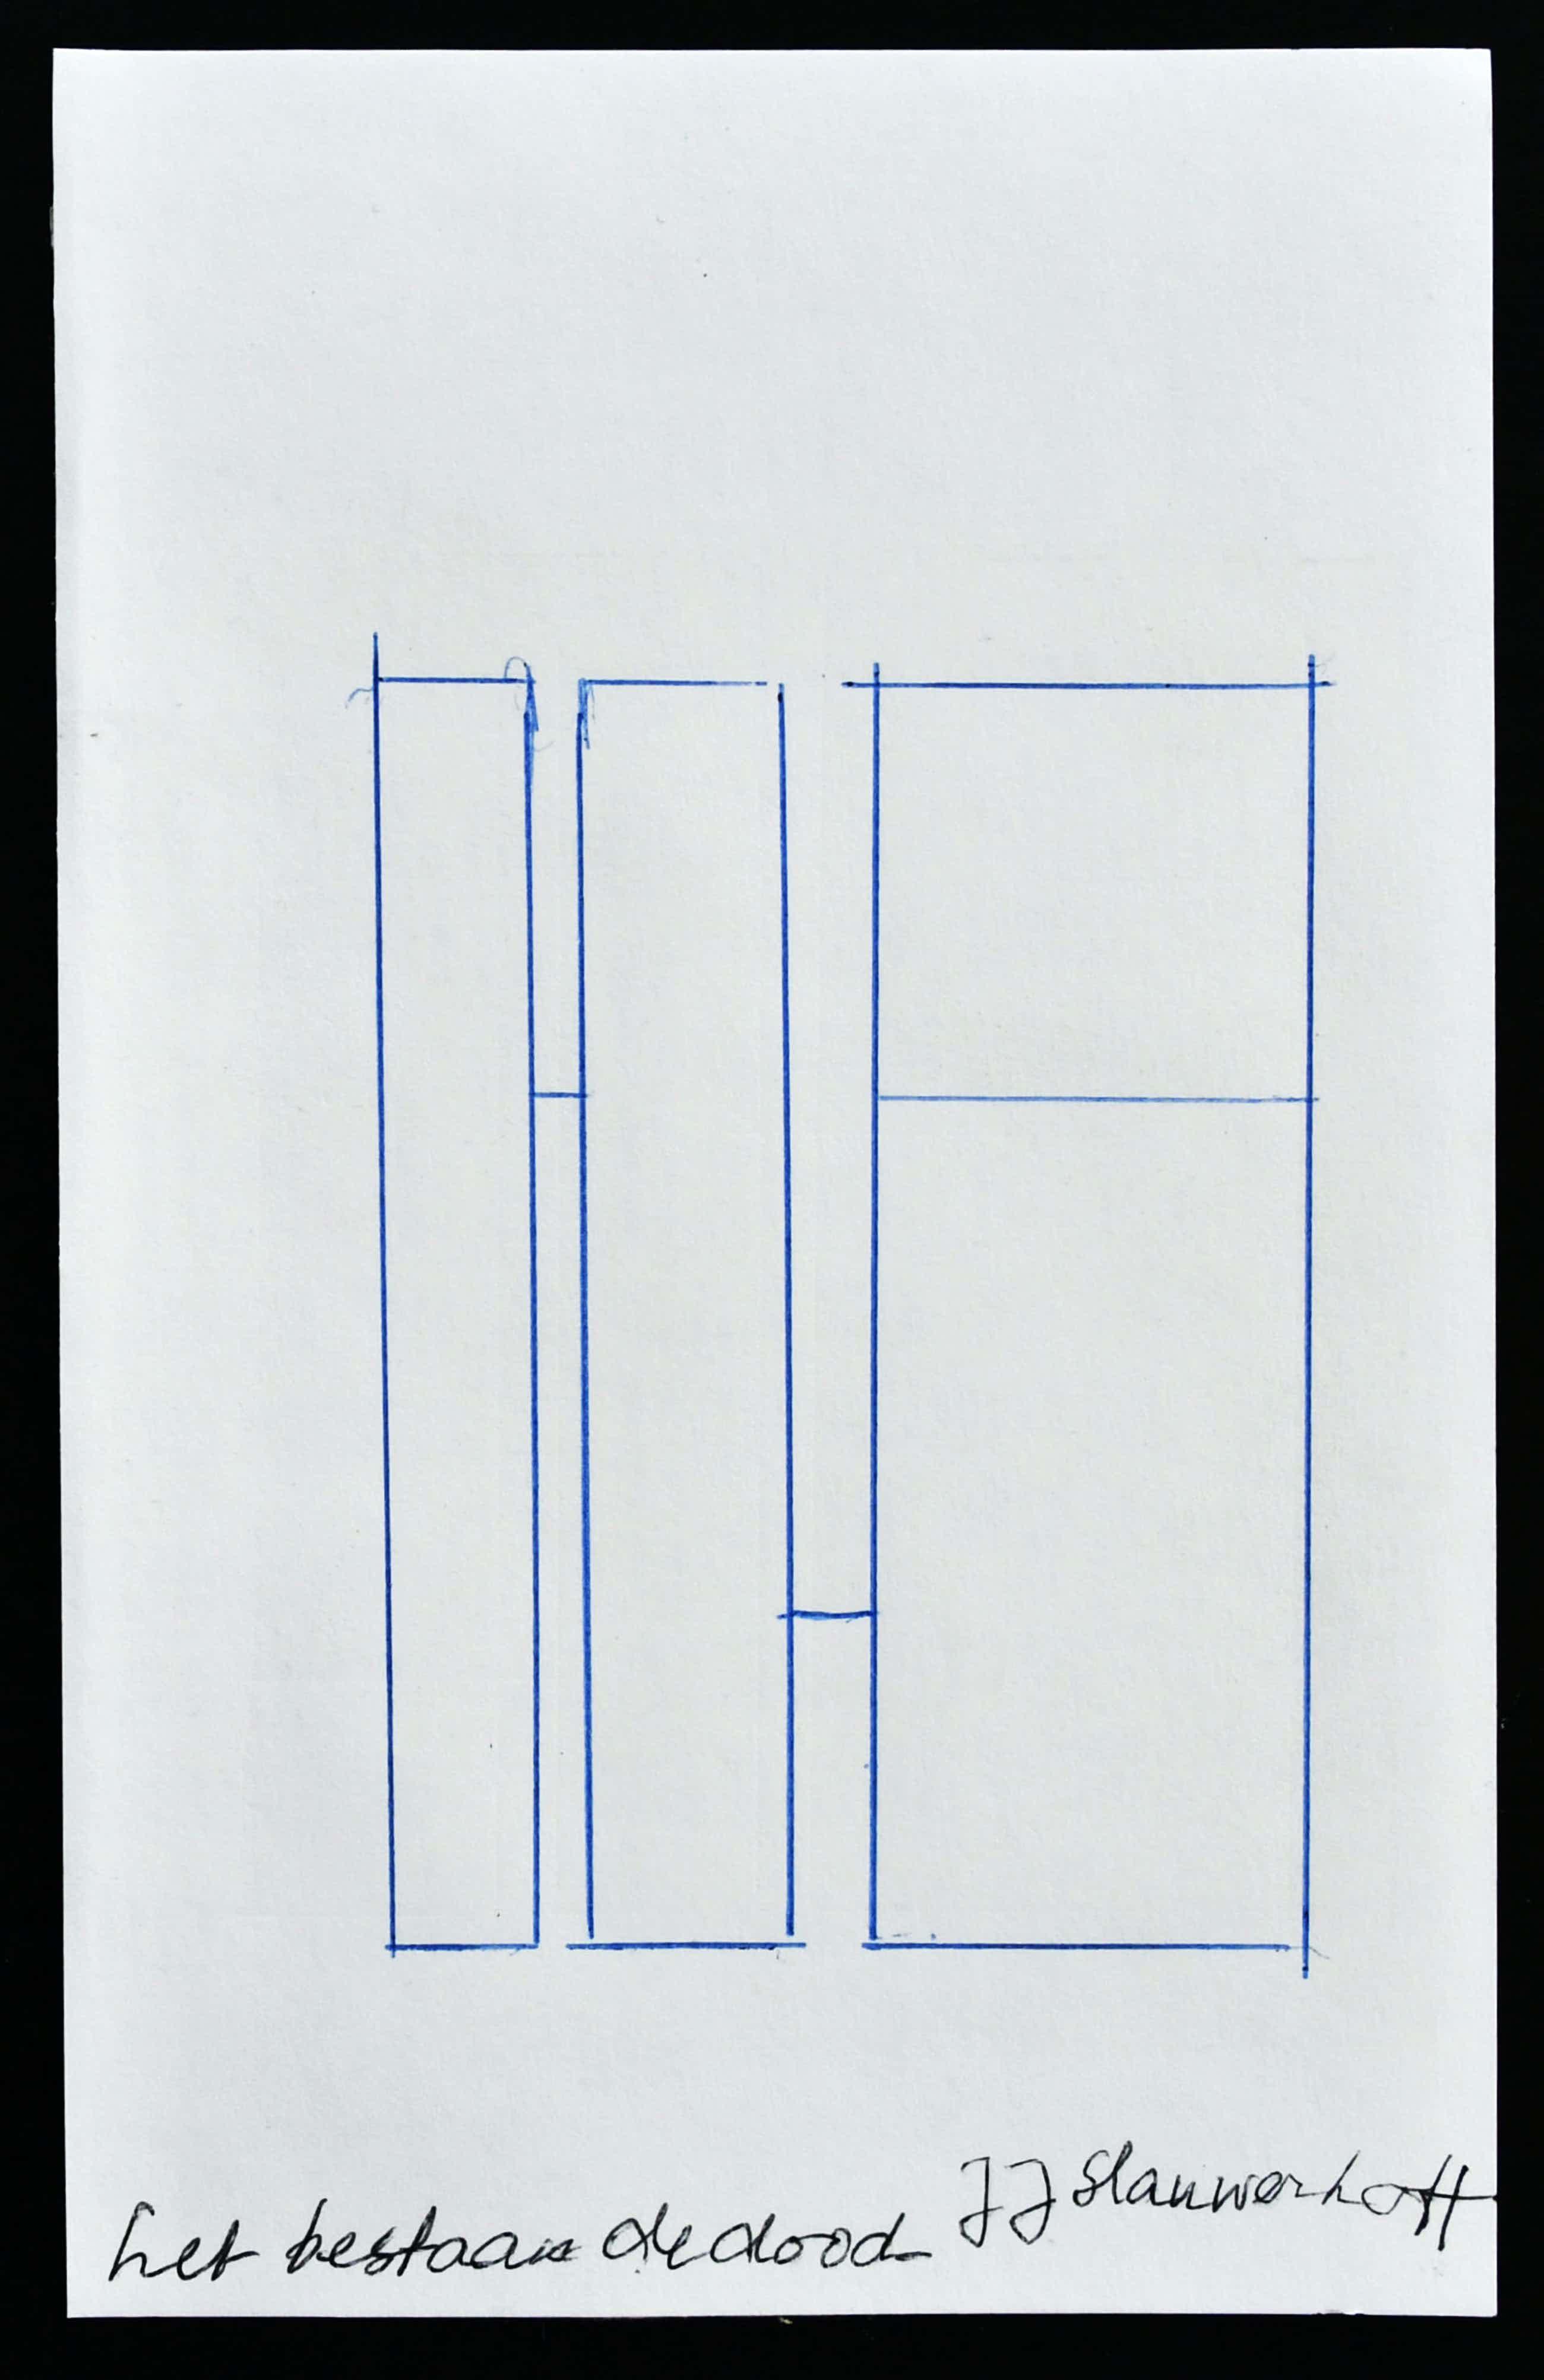 Siep van den Berg - # JJ SLAUERHOFF # constructivistische compositie, 1990 kopen? Bied vanaf 45!